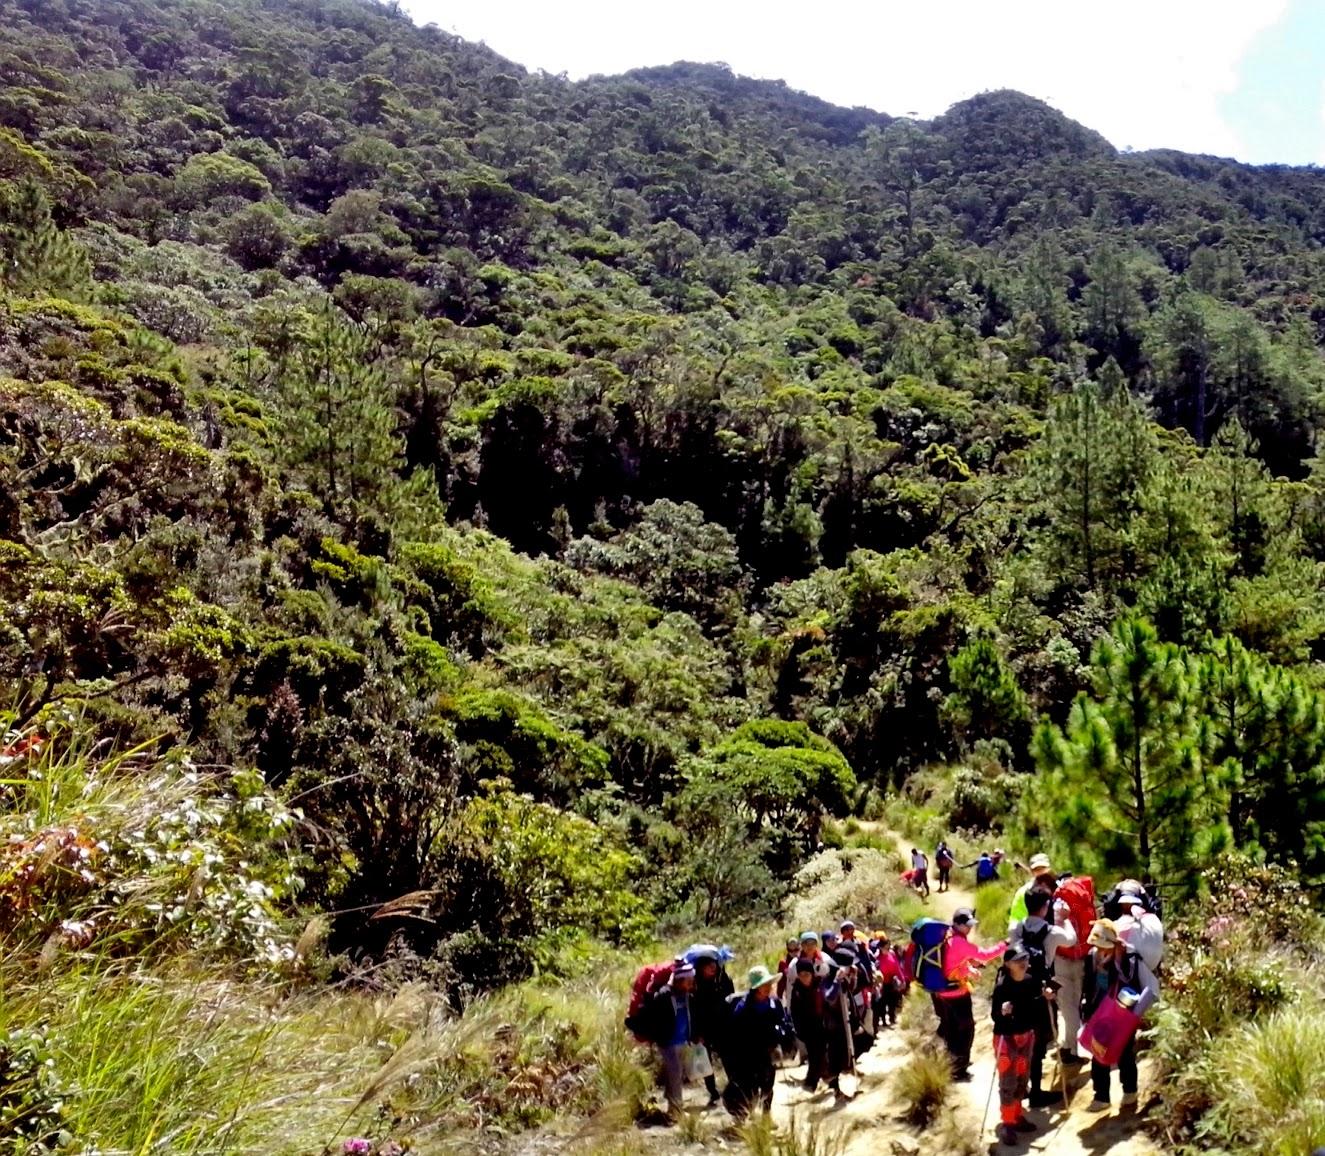 Mt. Pulag Ambaneg Trail